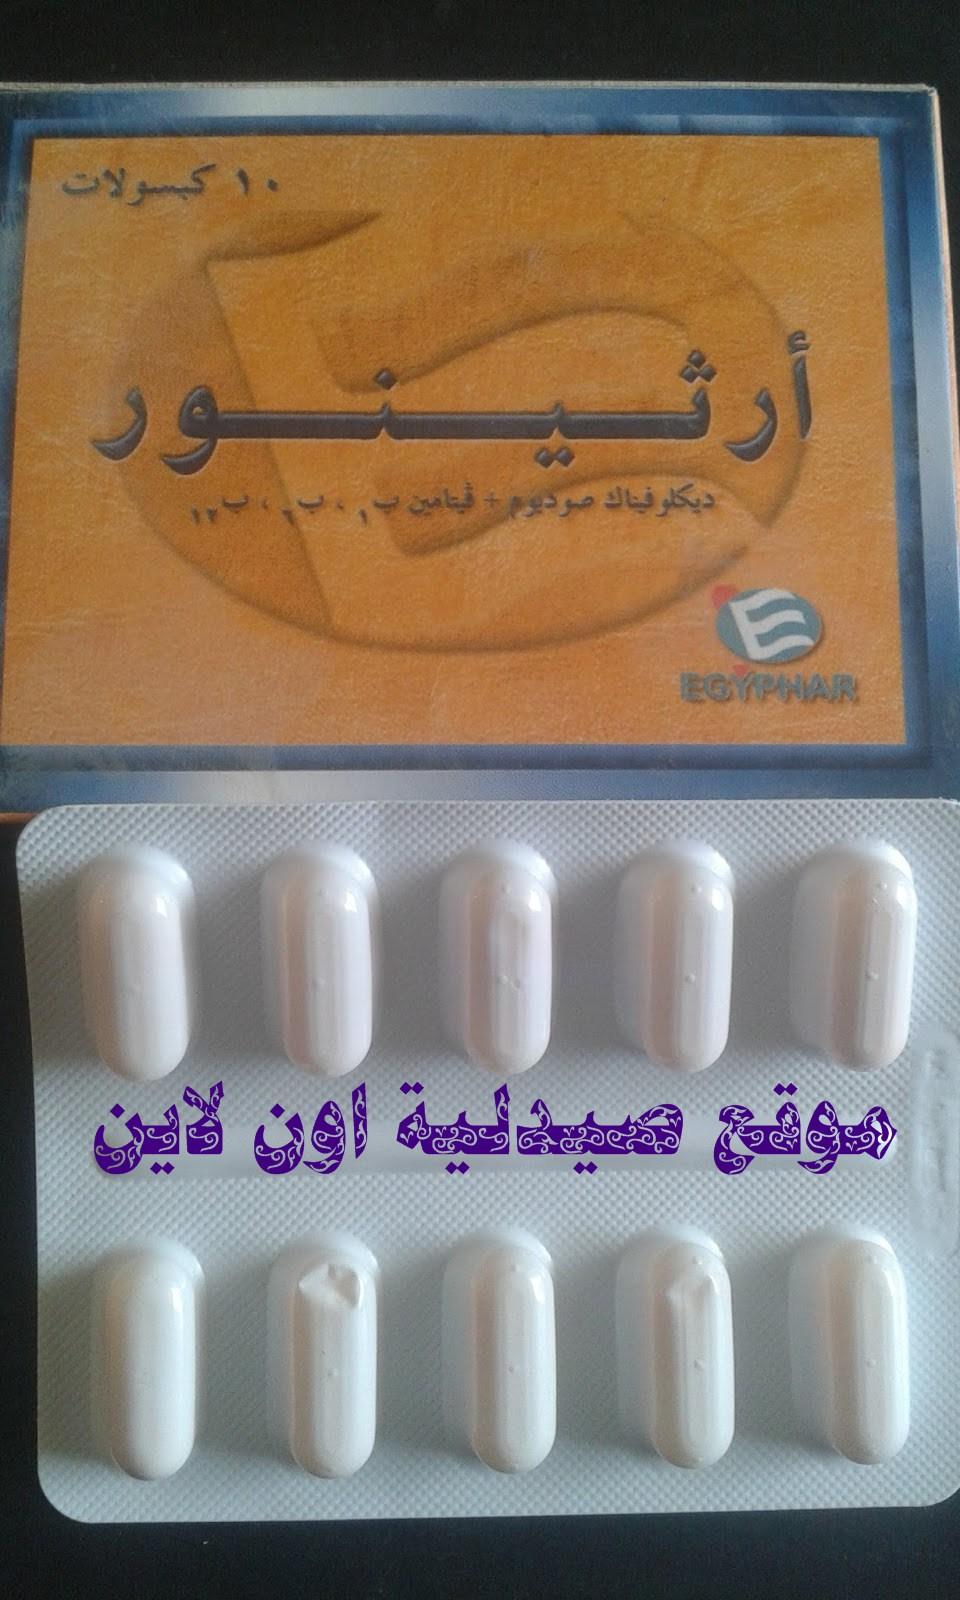 أرثينور كبسولات لعلاج إلتهابات العظام والمفاصل ARTHINEUR